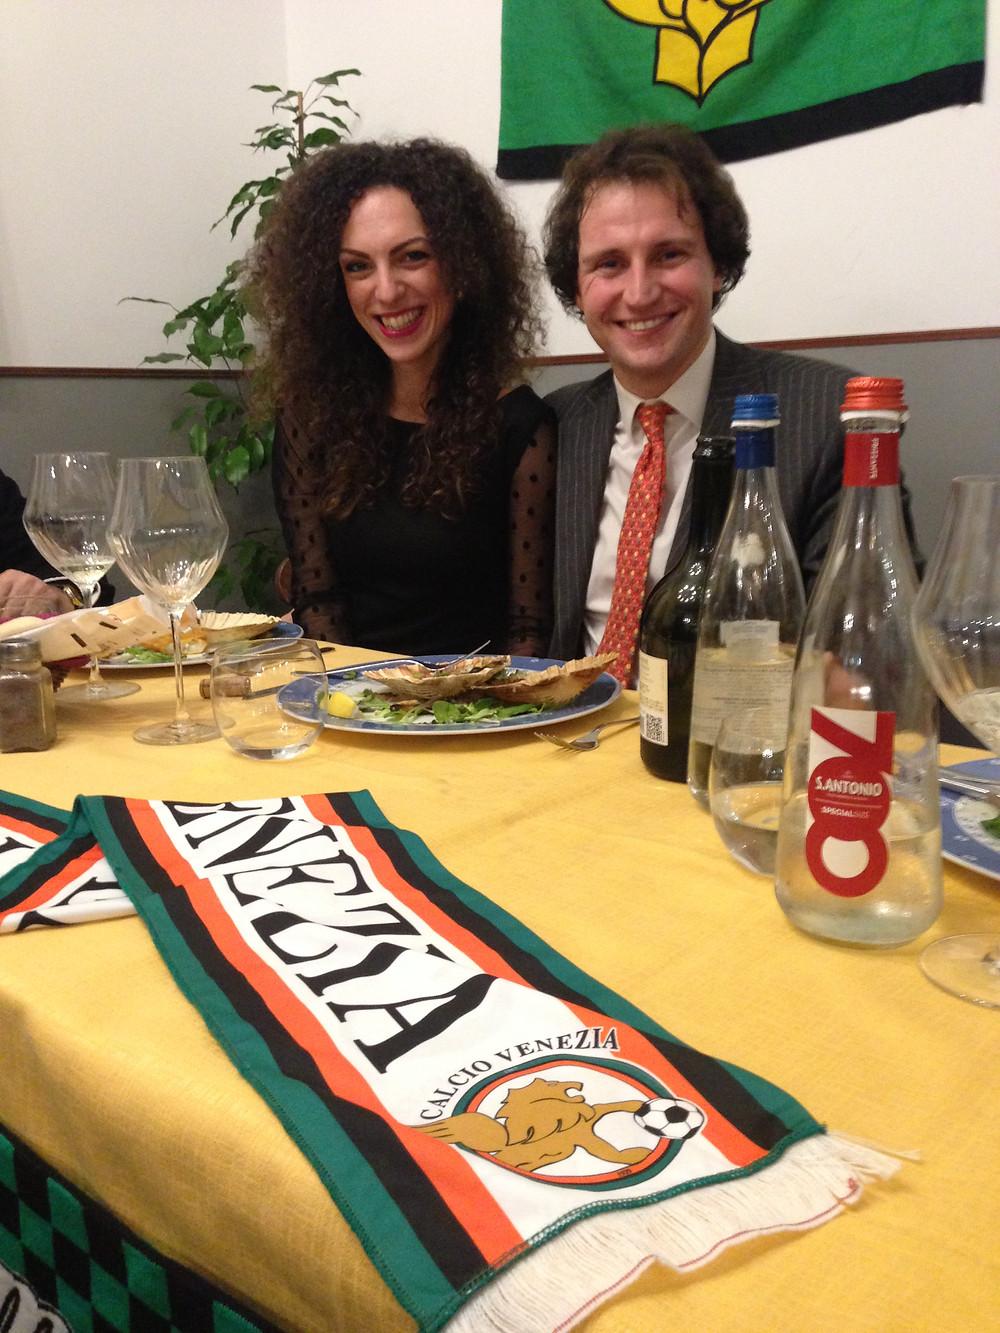 Il presidente avv. Gianalberto Scarpa Basteri con la moglie e vicepresidente Ludovica Leuzzi del Secco